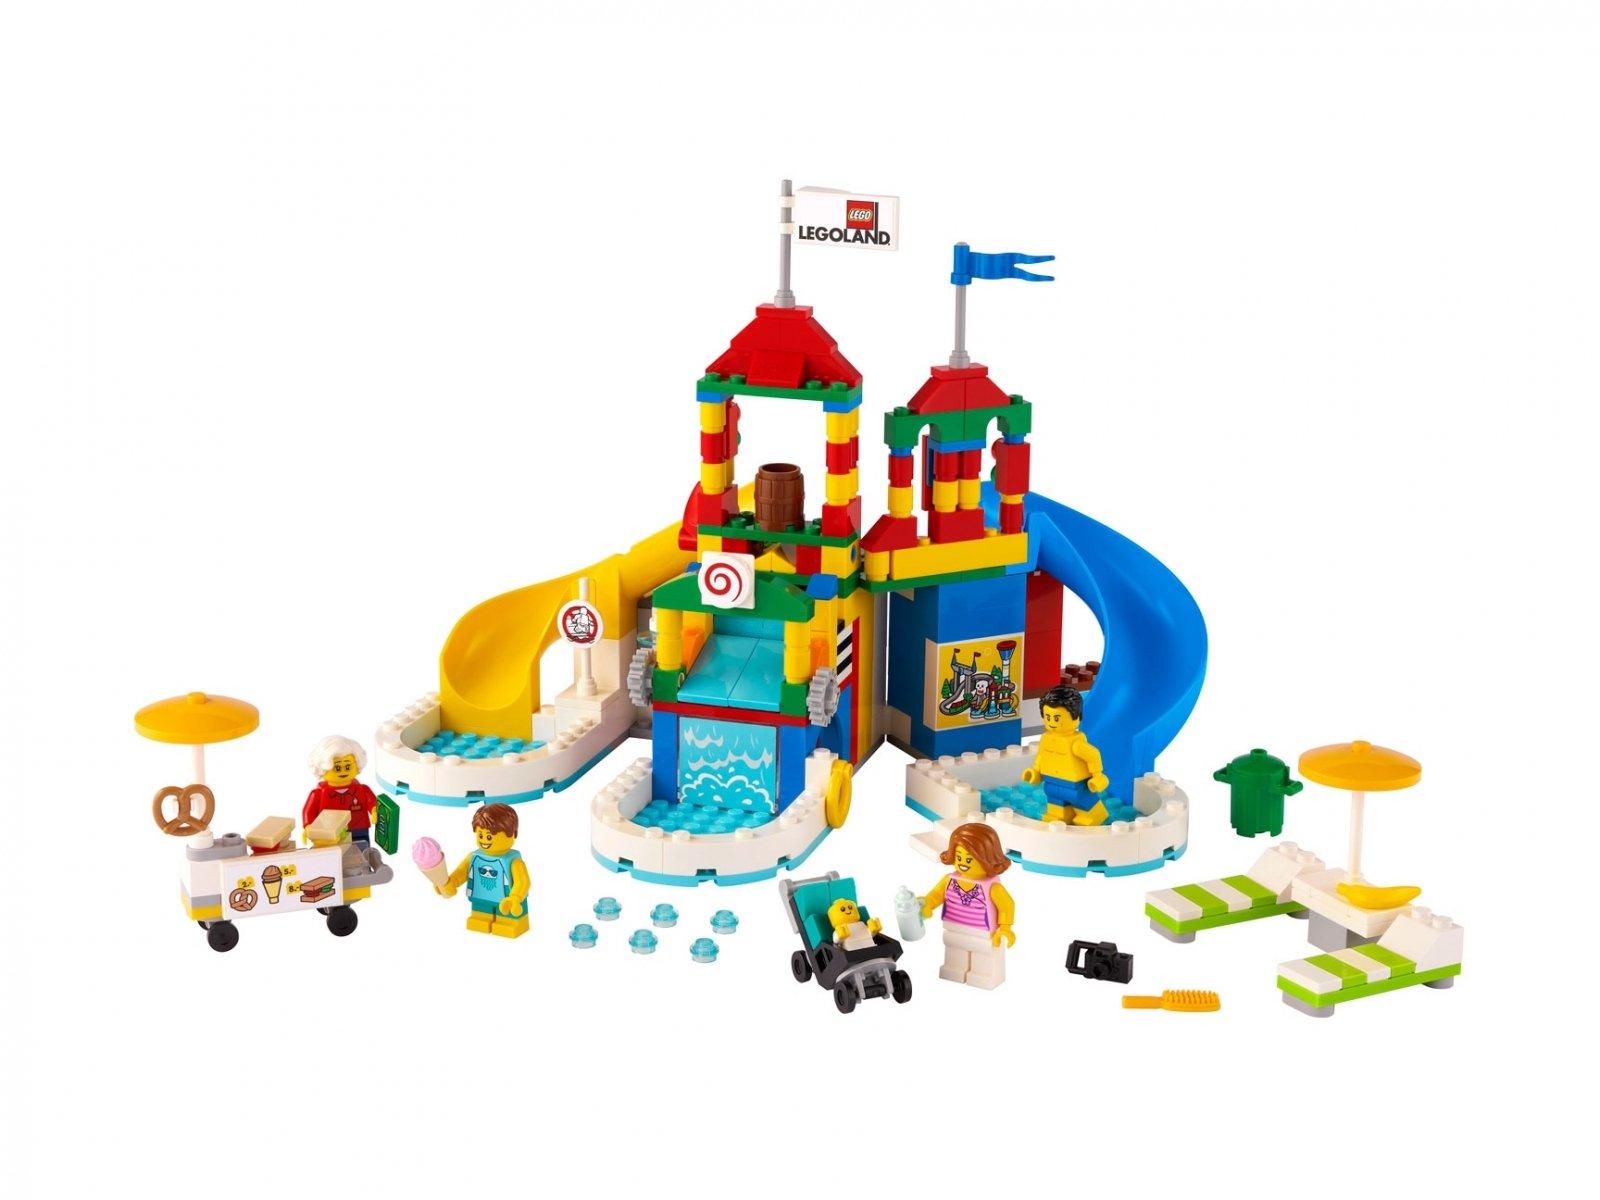 LEGO LEGOLAND 40473 Park wodny w LEGOLANDZIE®